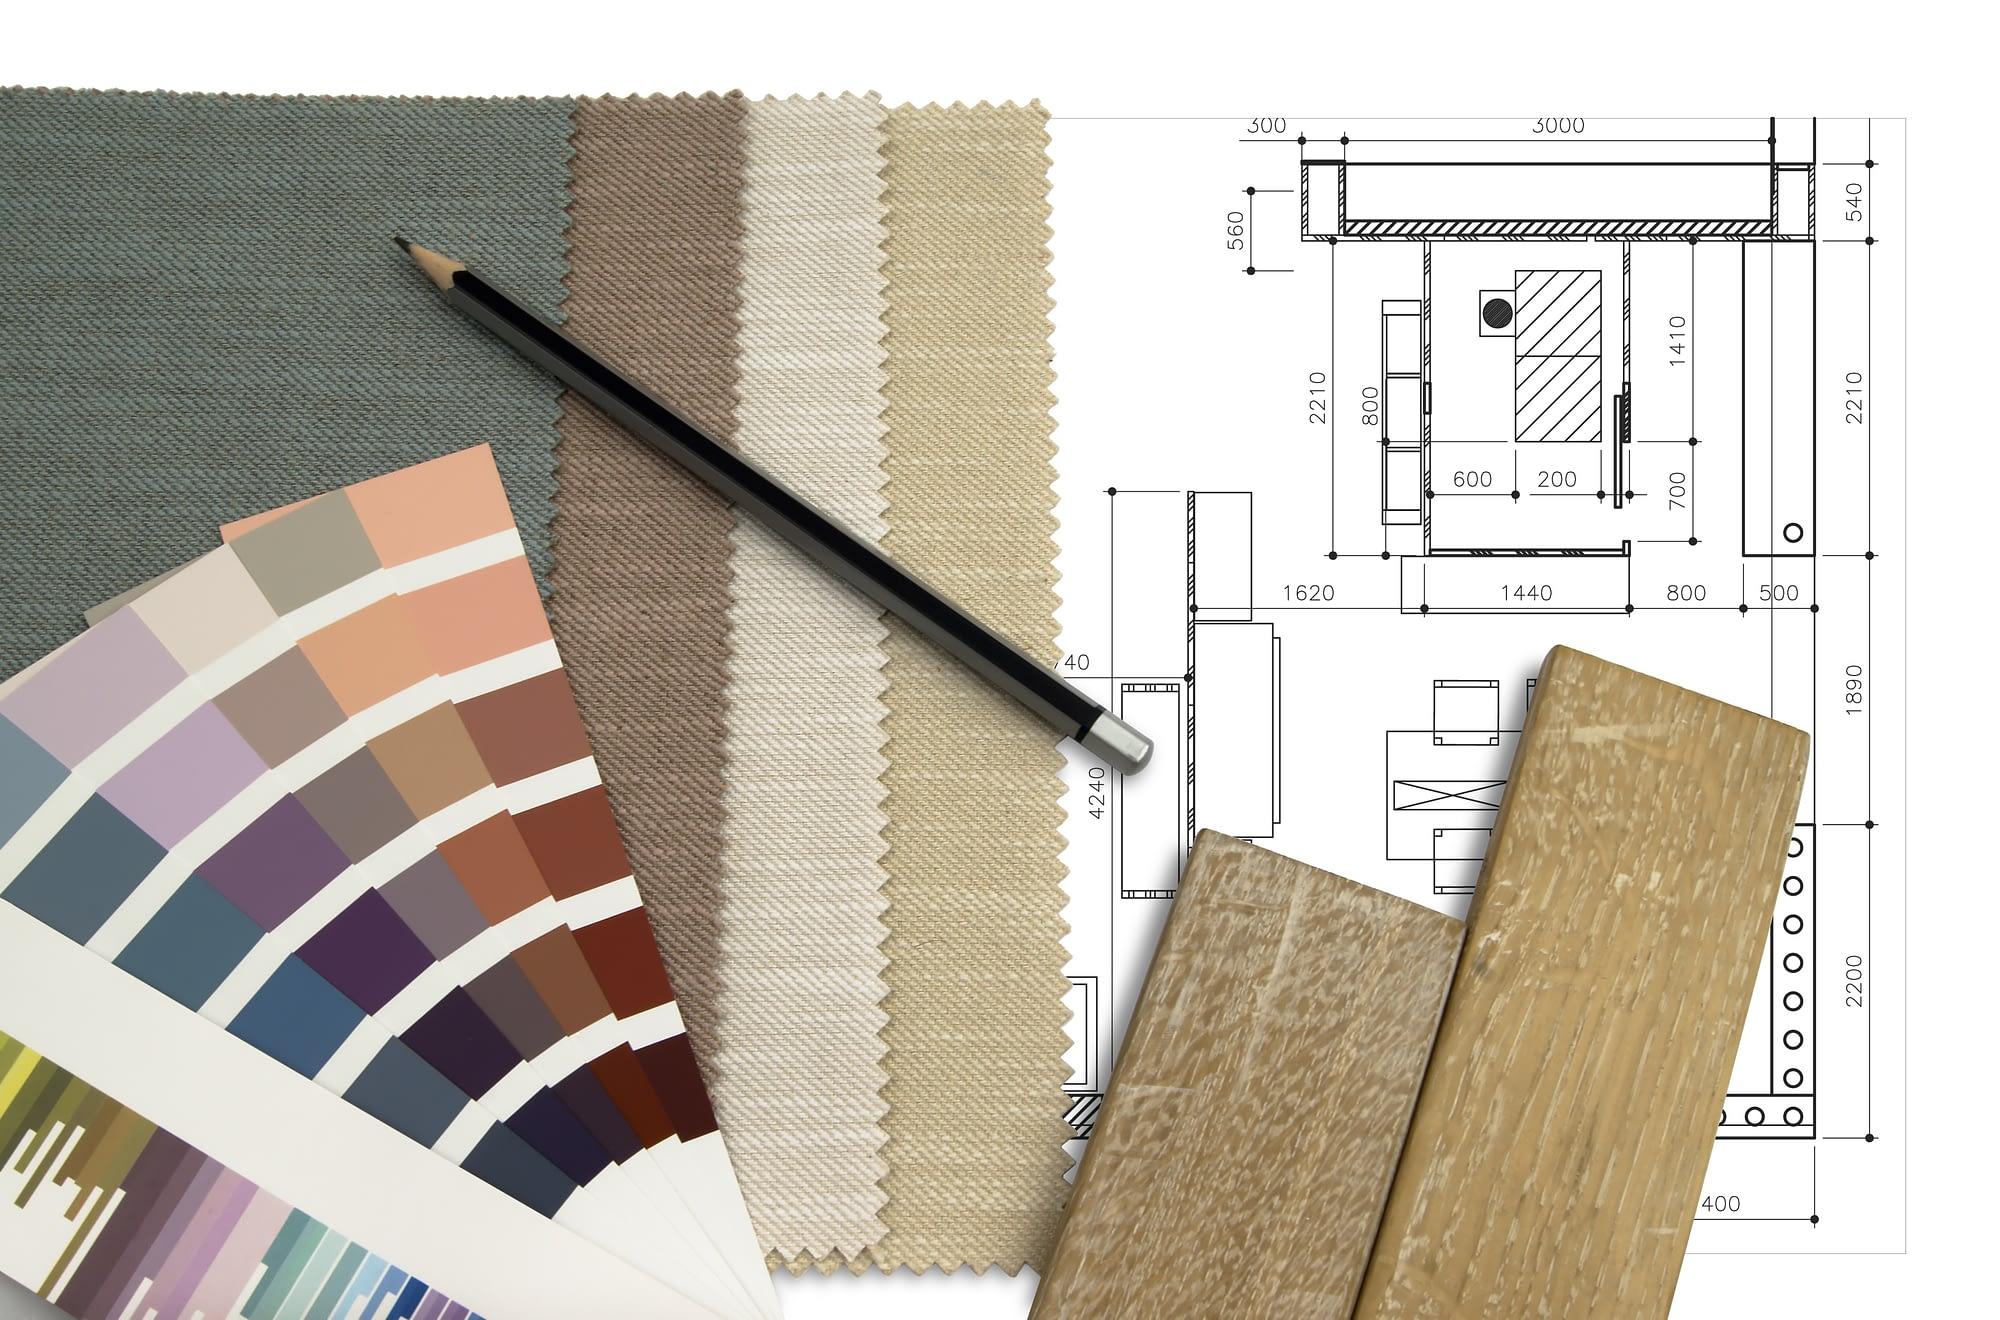 Votre architecte d'intérieure Gersoise vous accompagne dans l'agencement et les travaux mais également dans la sélection des couleurs et matériaux.